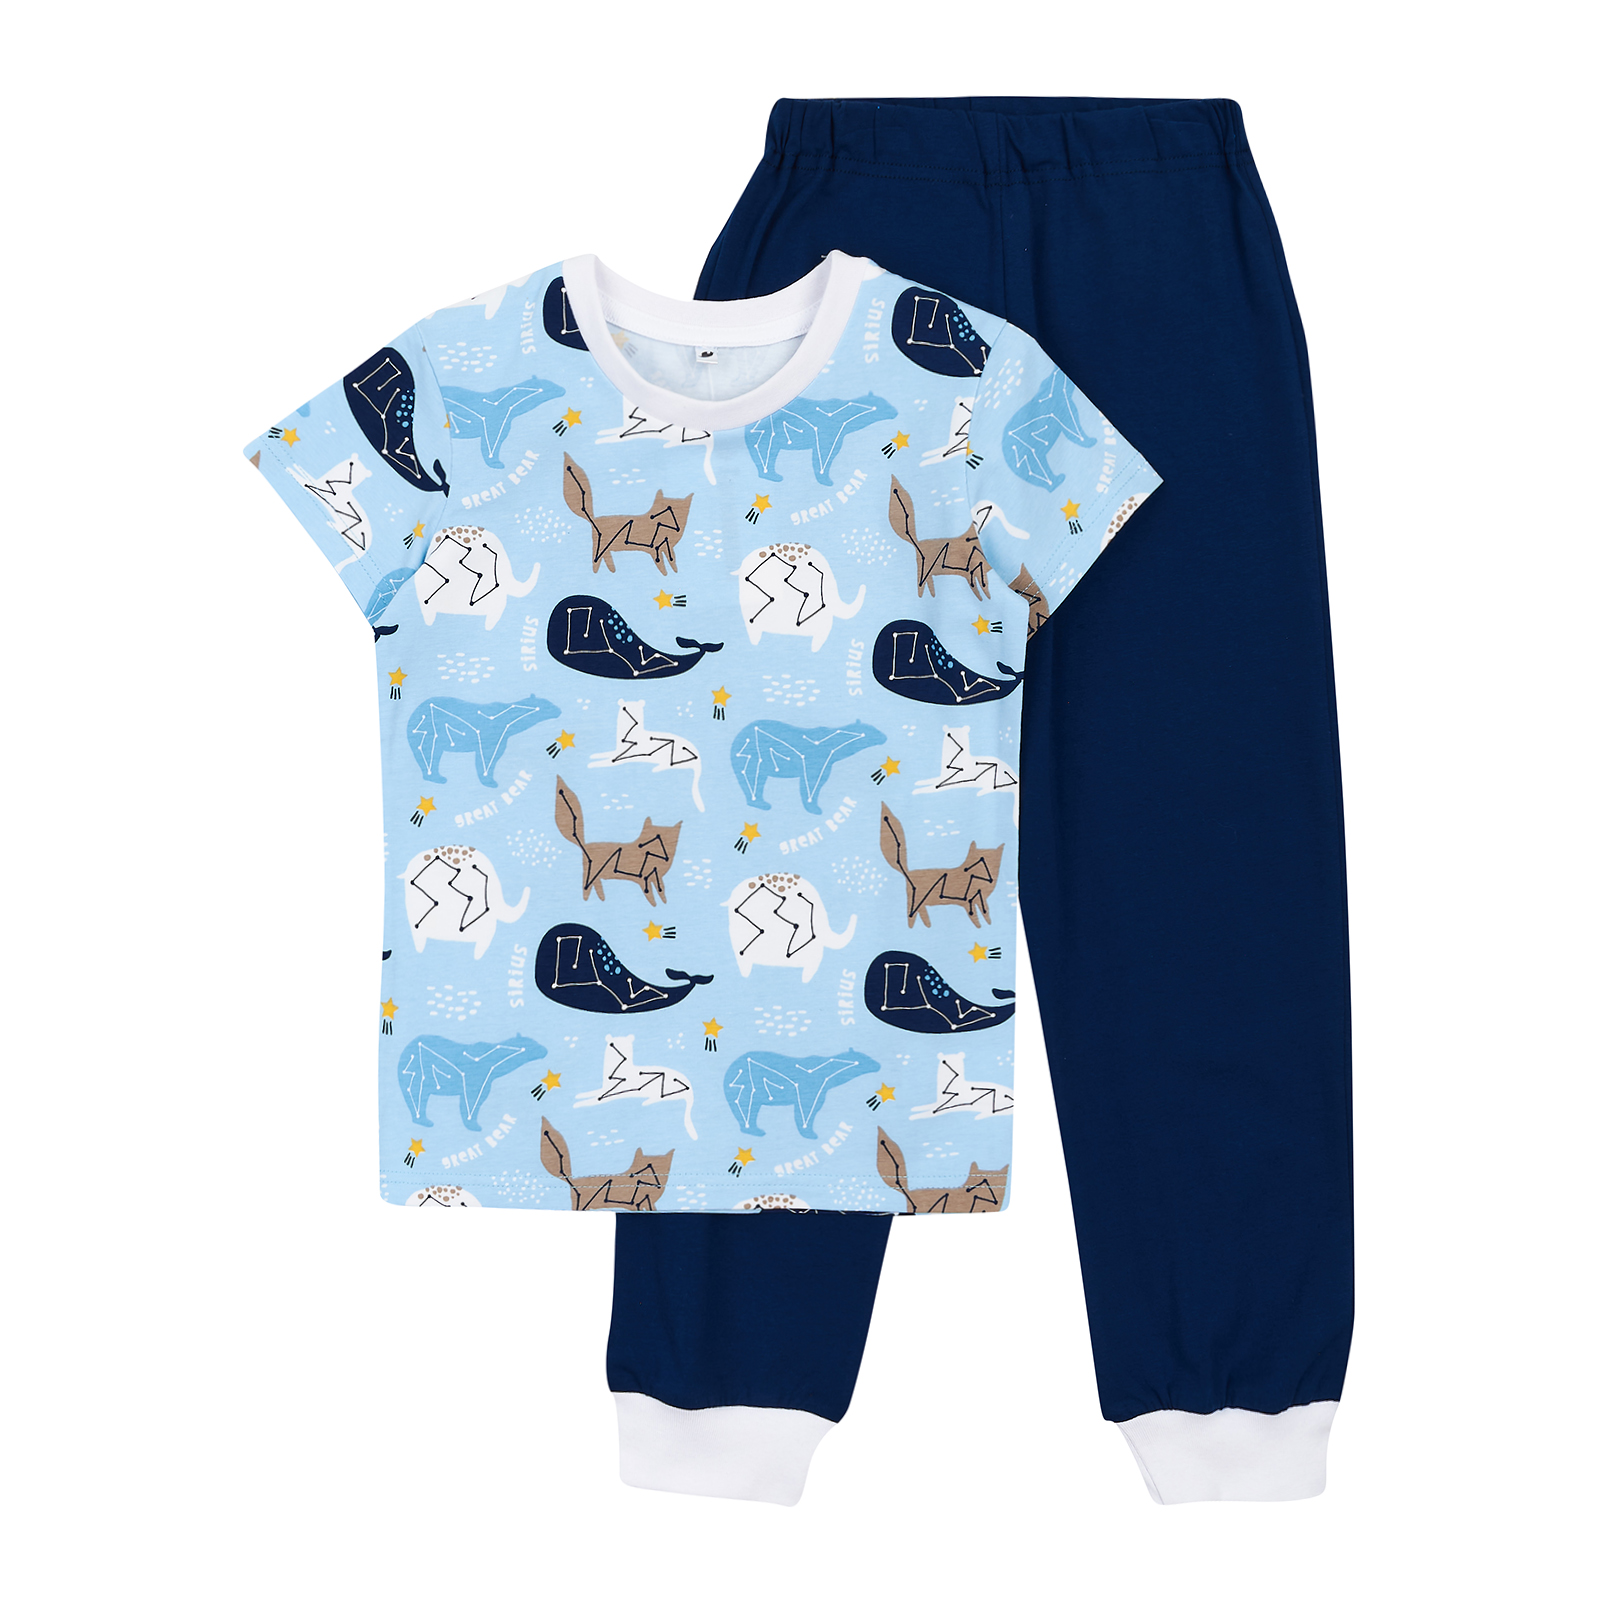 Пижама детские Garnamama модель 2EI~99377-1 отзывы, 2017